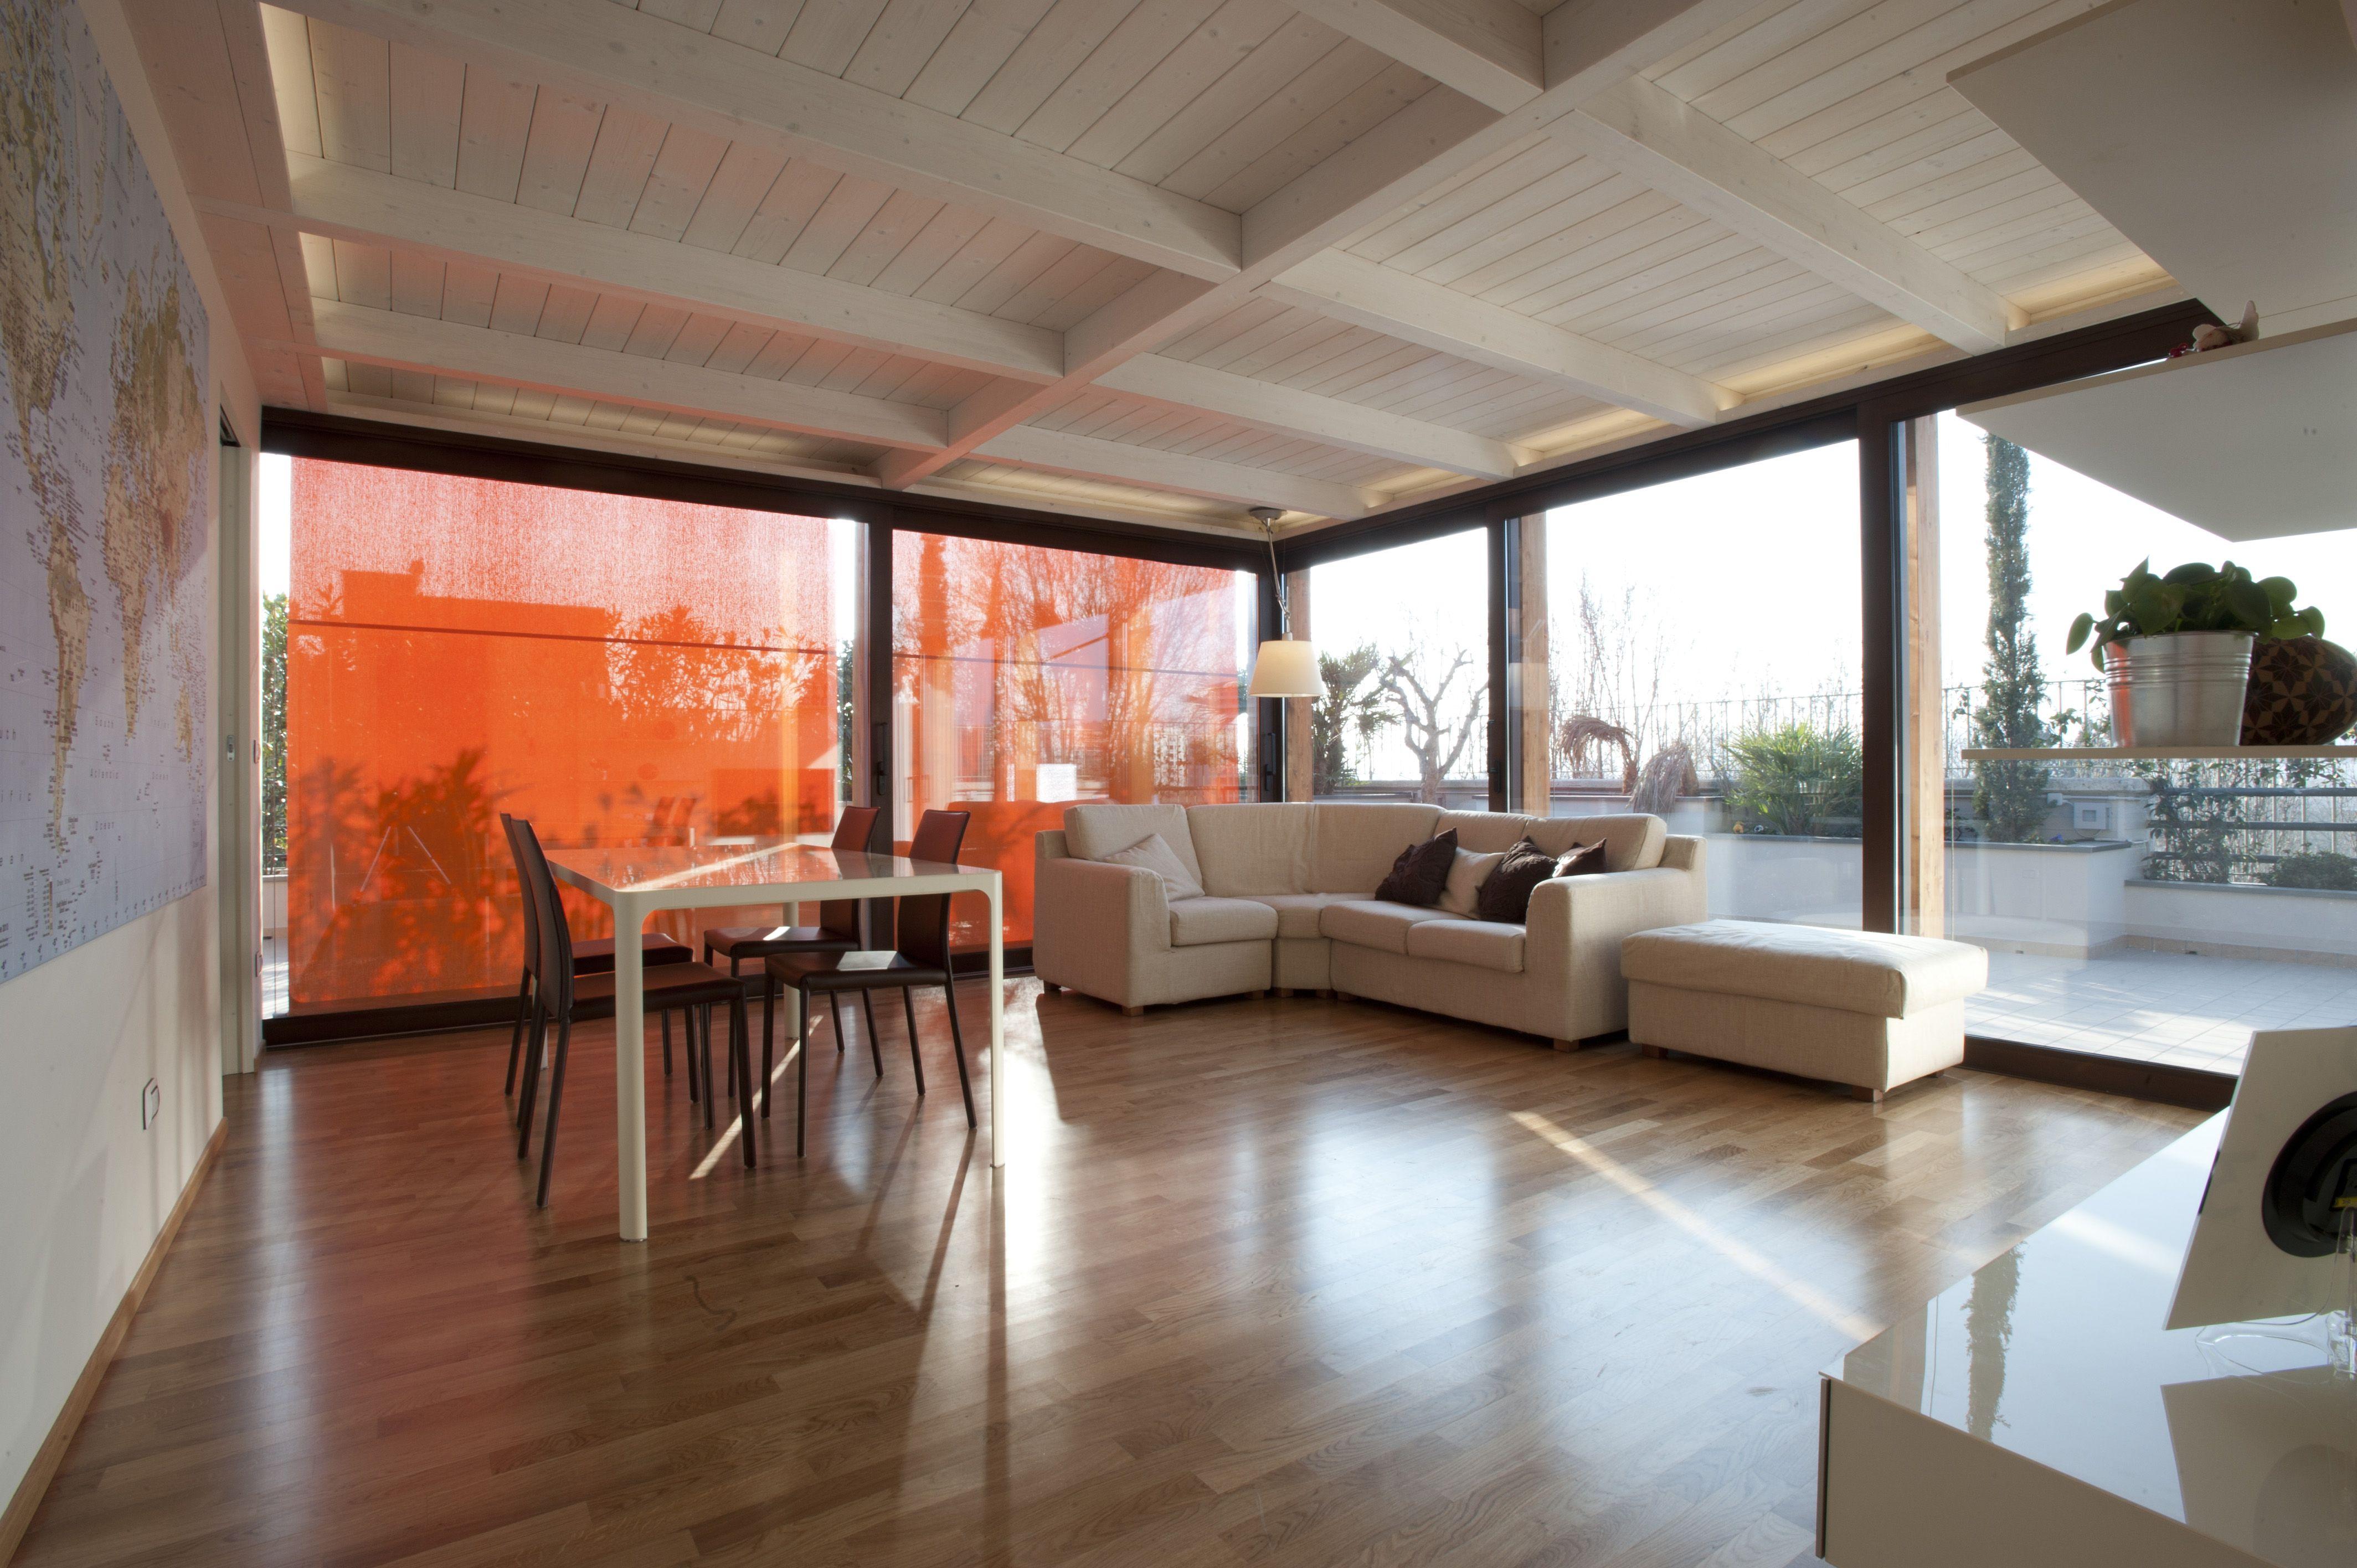 Veranda realizzata mediante impermeabilizzazione e copertura di terrazza scorrevoli alzanti for Arredo 3 srl legnago